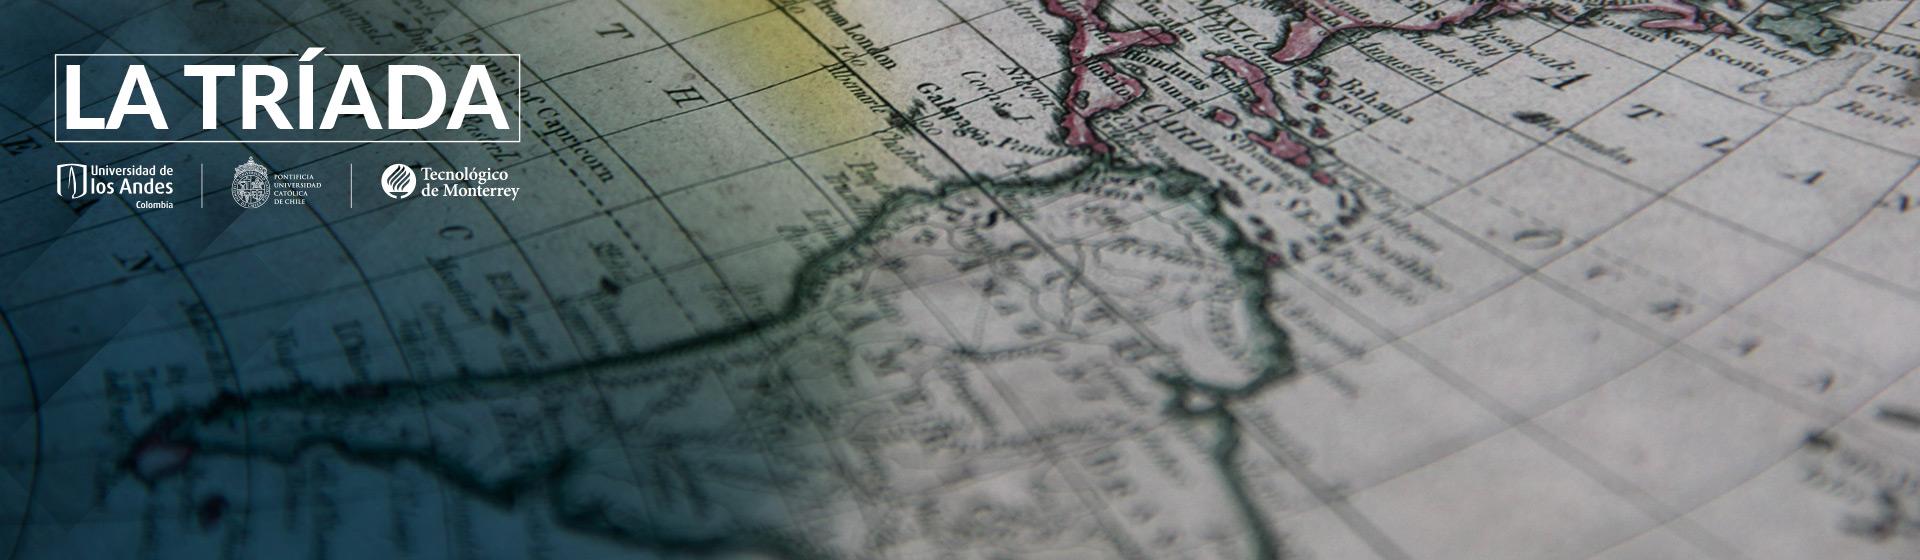 La Tríada: iniciativas para la prosperidad de América Latina